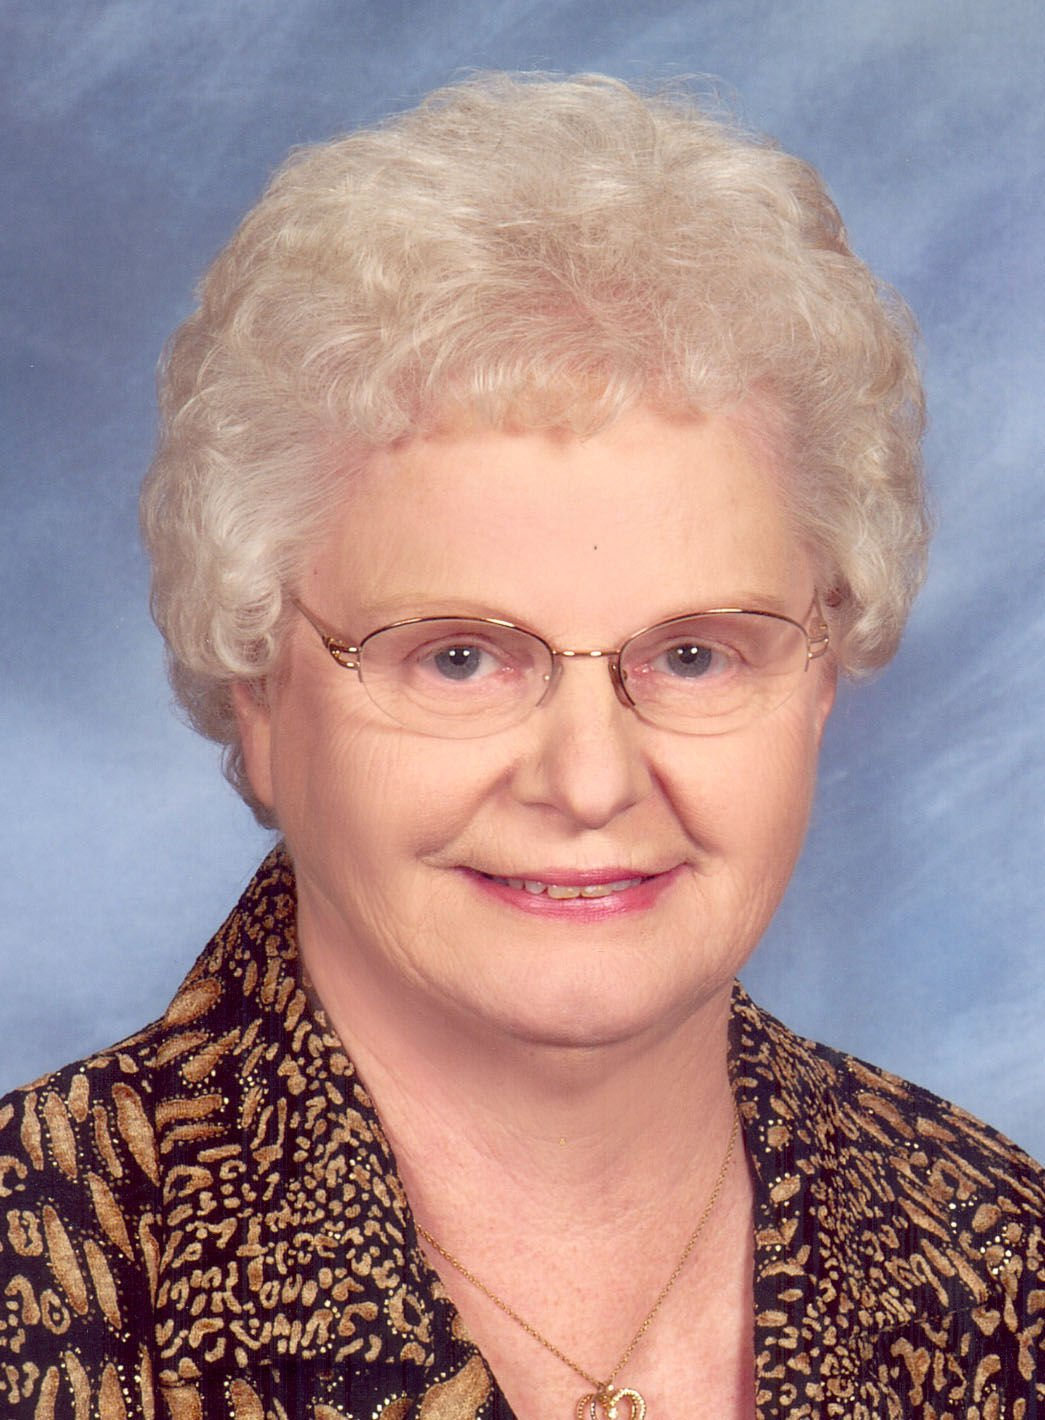 Arlene Hoodjer